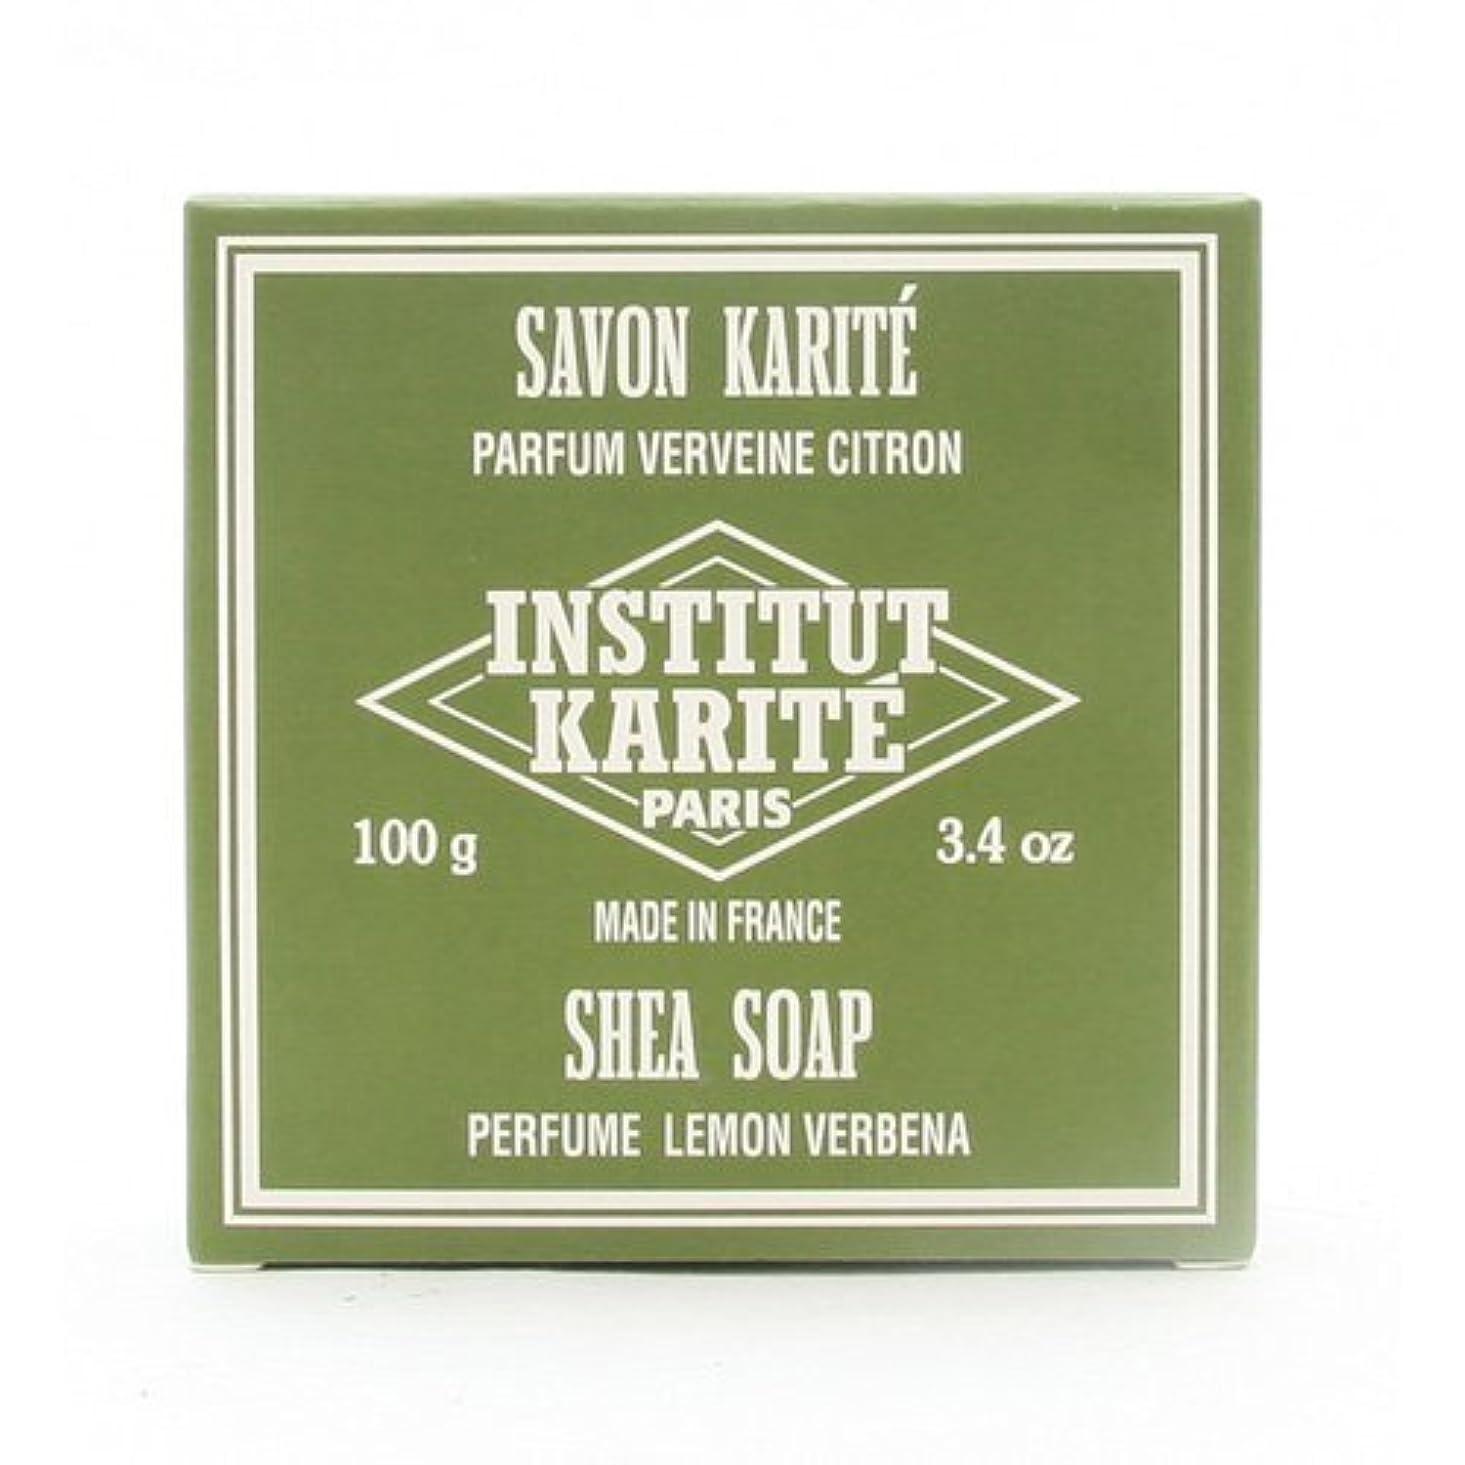 ラフレシアアルノルディ暫定の減らすINSTITUT KARITE インスティテュート カリテ 25% Extra Gentle Soap ジェントルソープ 100g Lemon Vervenaレモンバーベナ